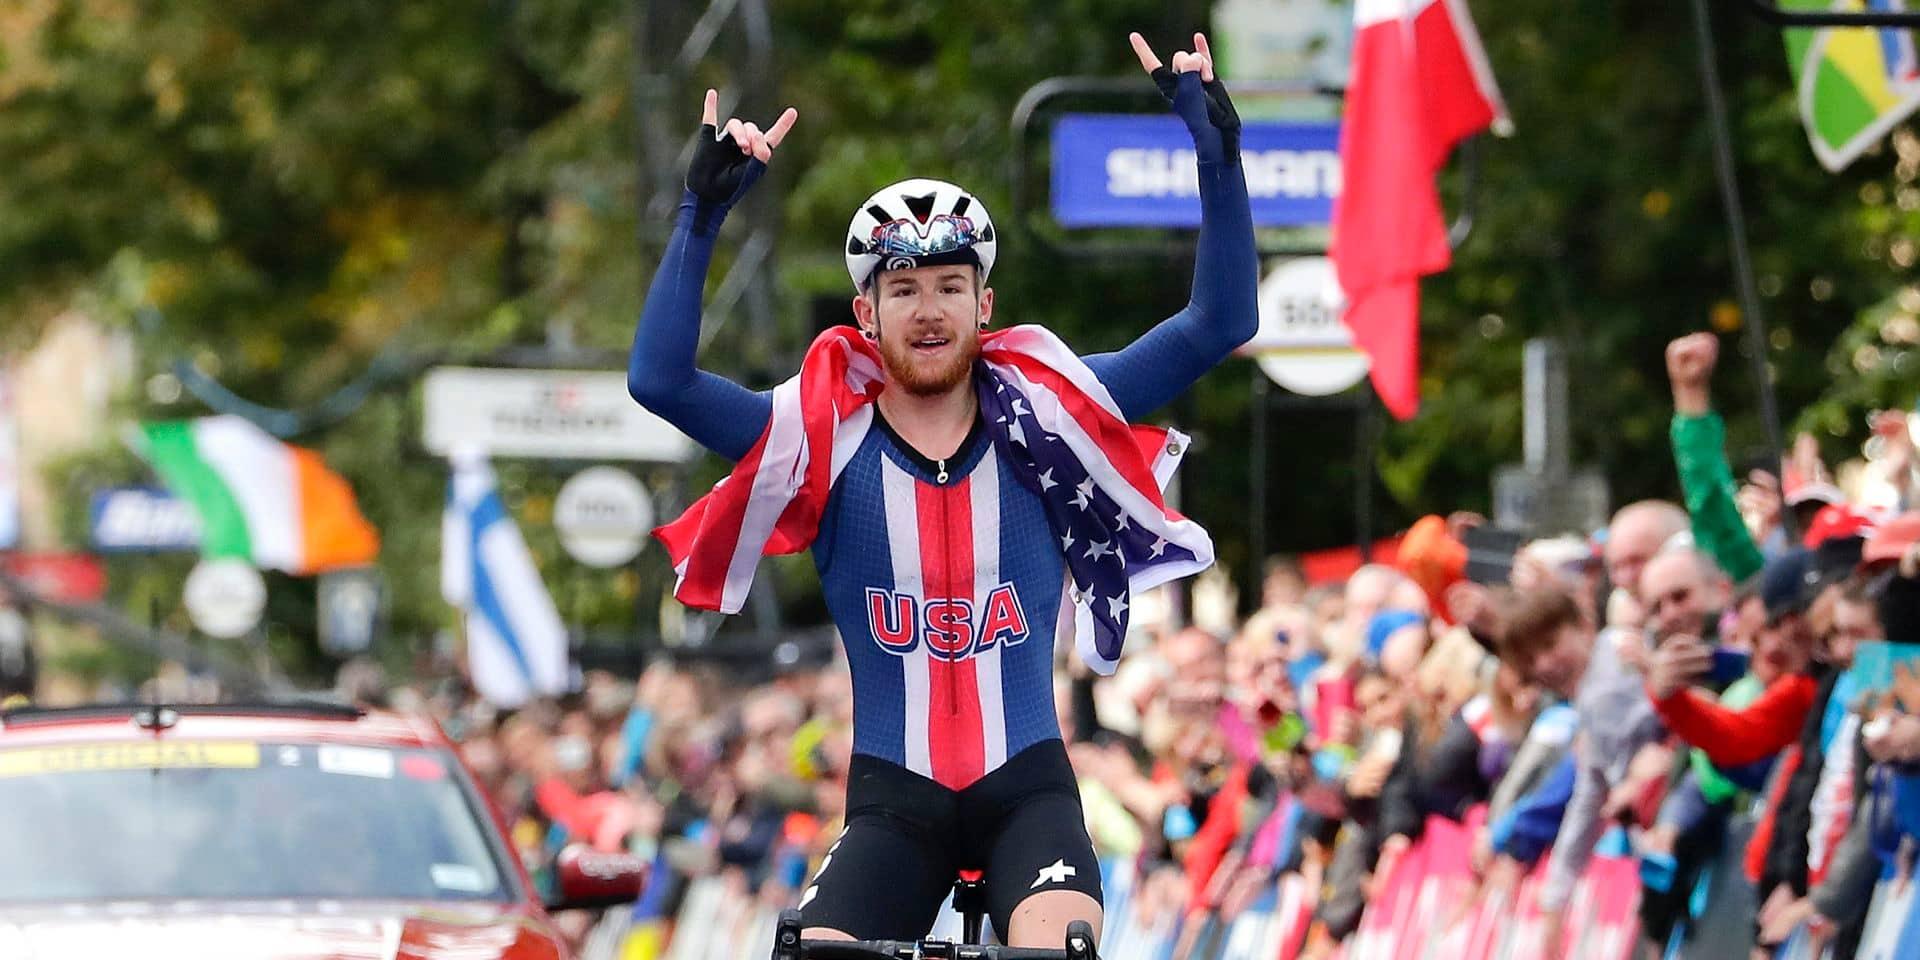 Mondiaux de cyclisme: l'Américain Simmons succède à Remco Evenepoel au palmarès des Mondiaux juniors